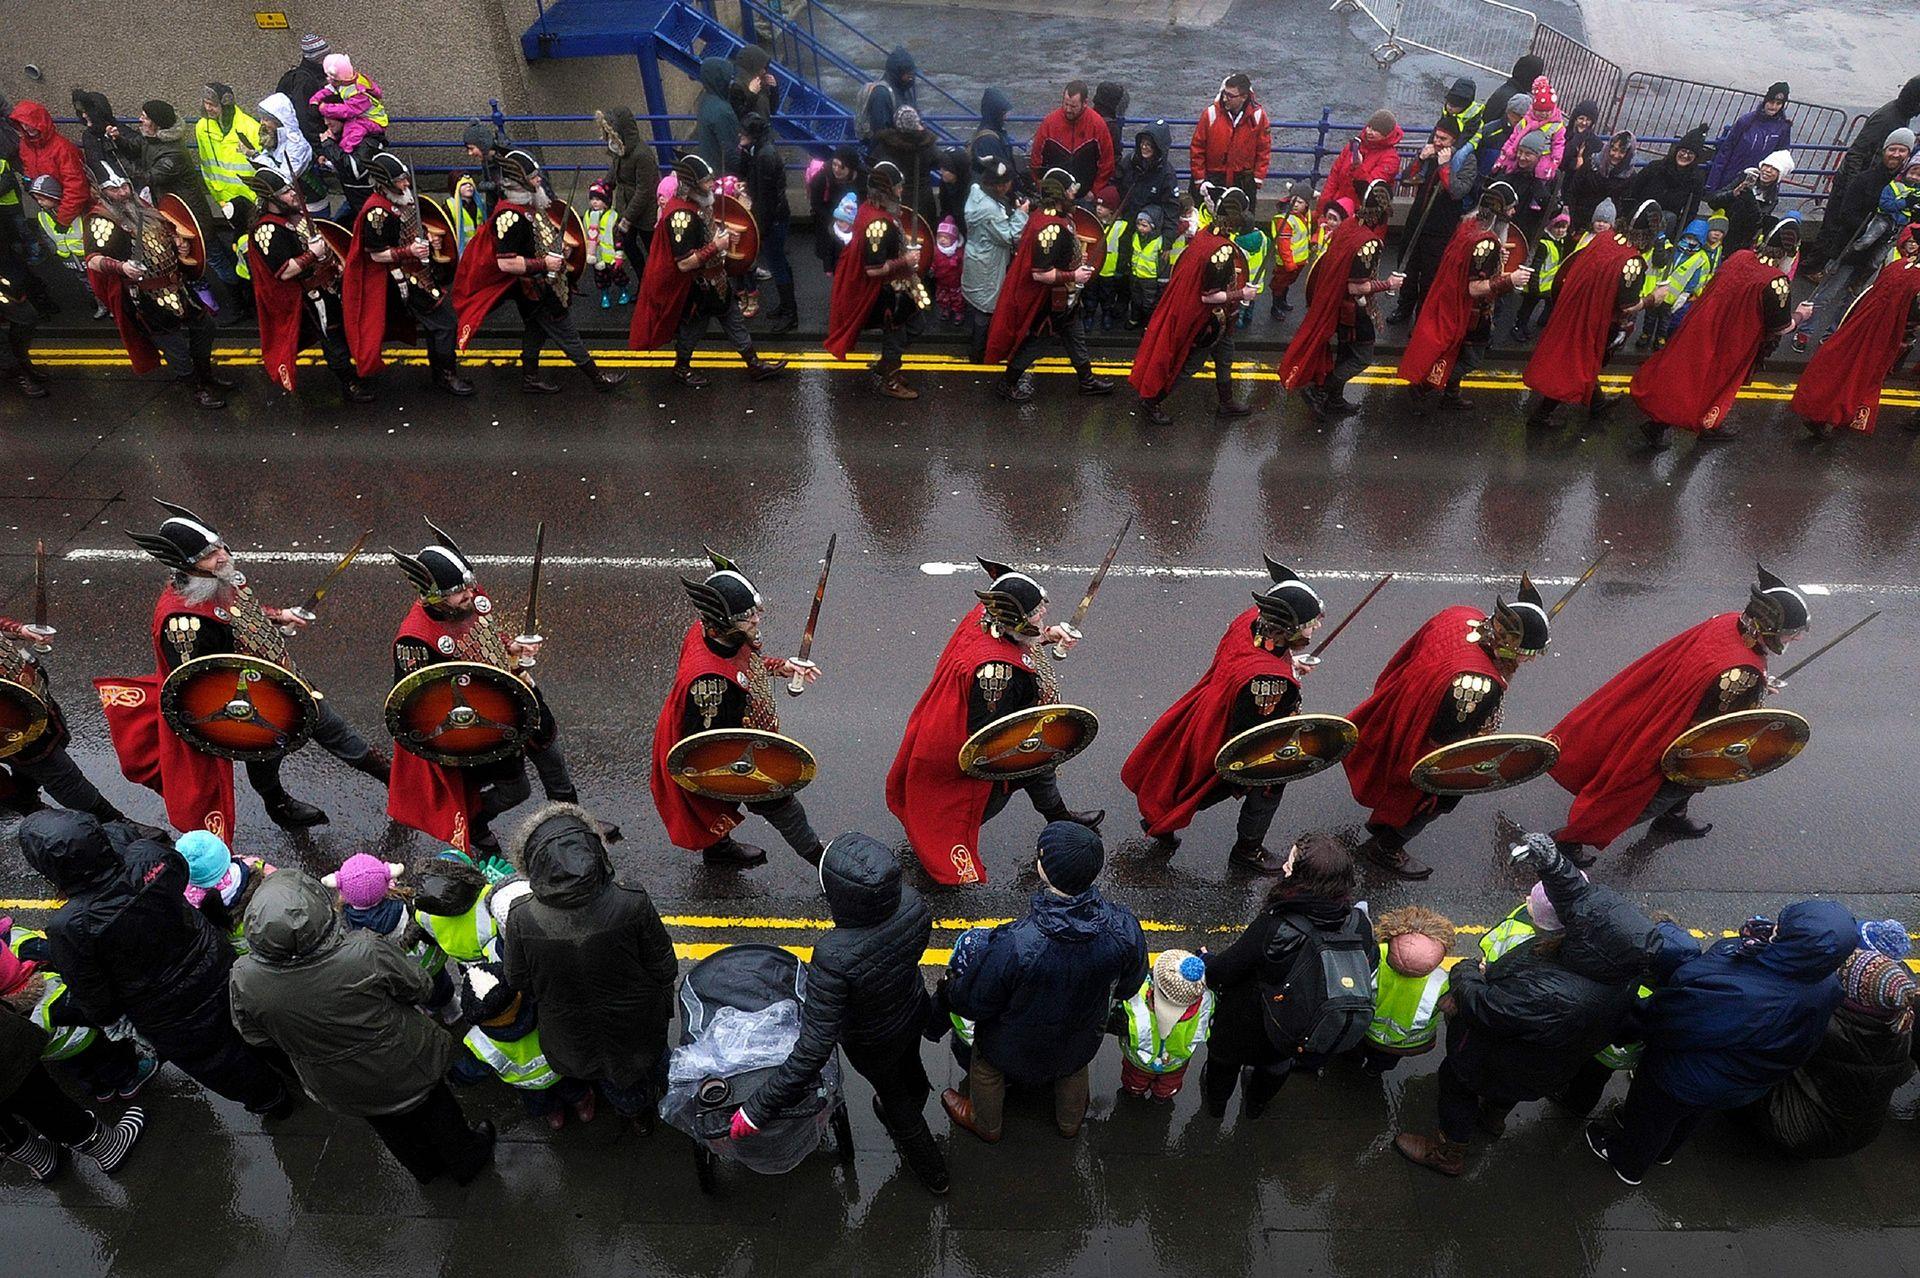 Шествие викингов на улицах Леруика. Шетландцы гордятся фестивалем Апхелио, как и своими дерзкими пре